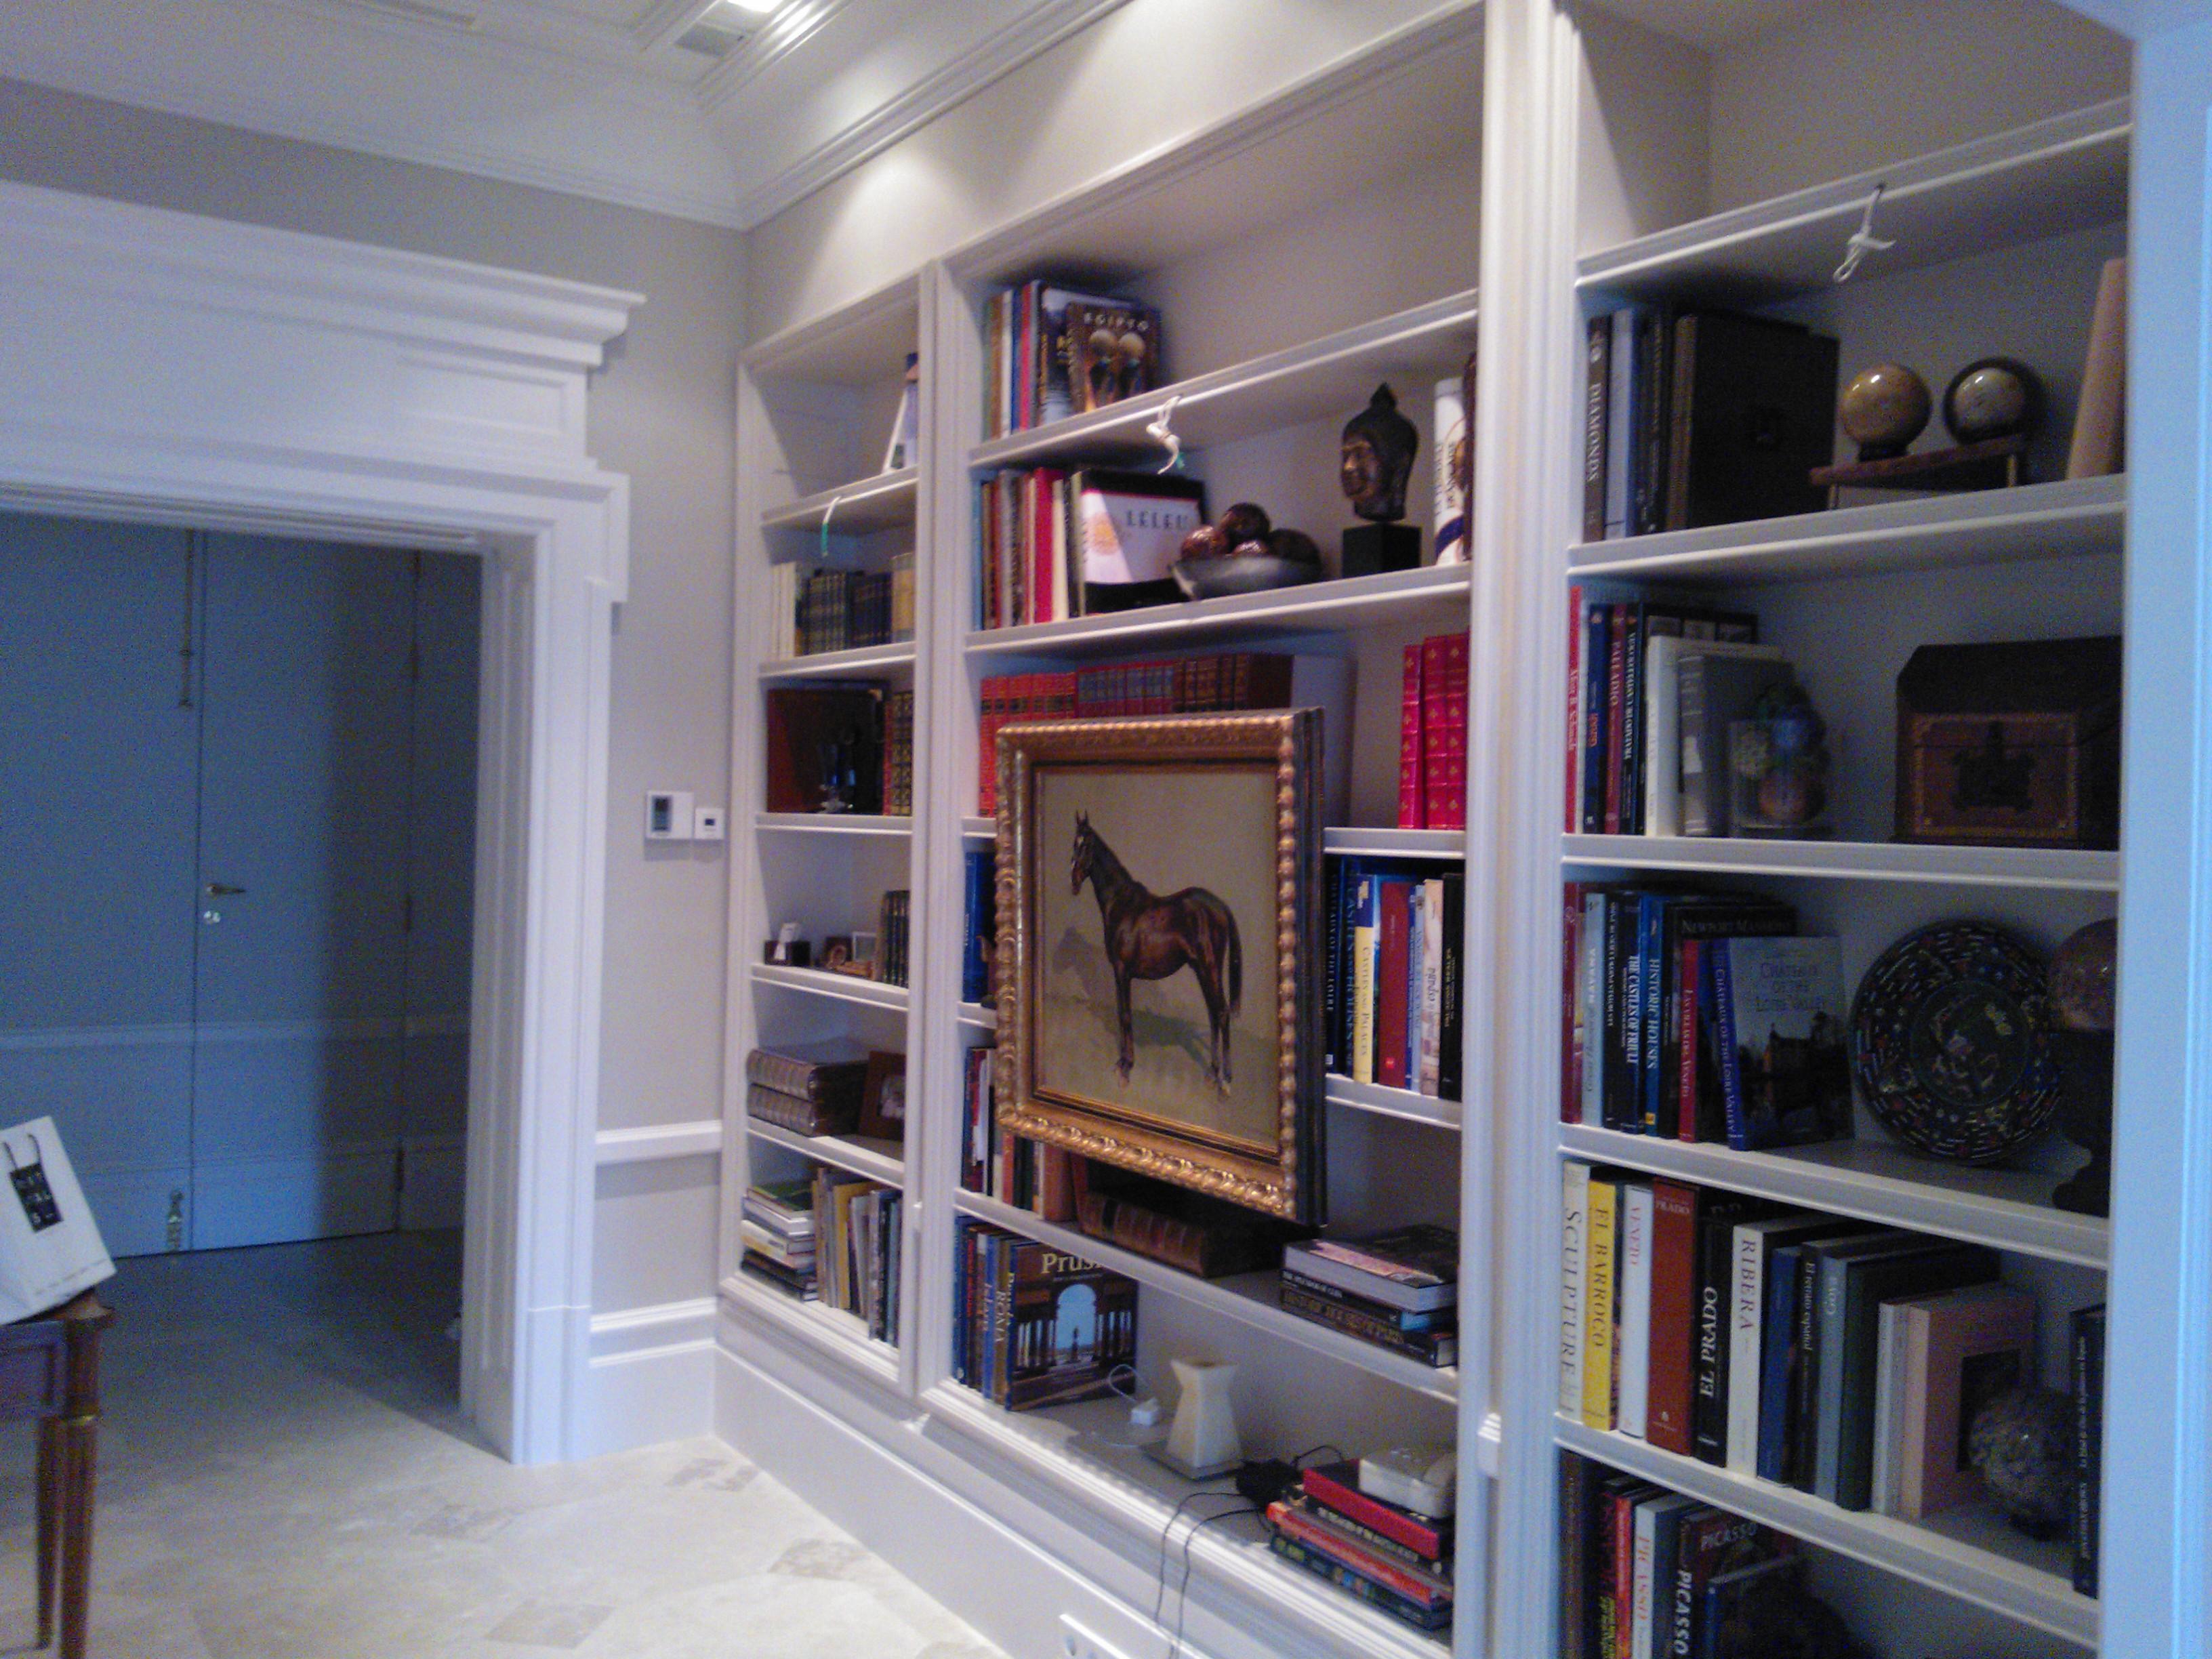 Decoradores de interiores en madrid simple francisco - Decoradores en madrid ...